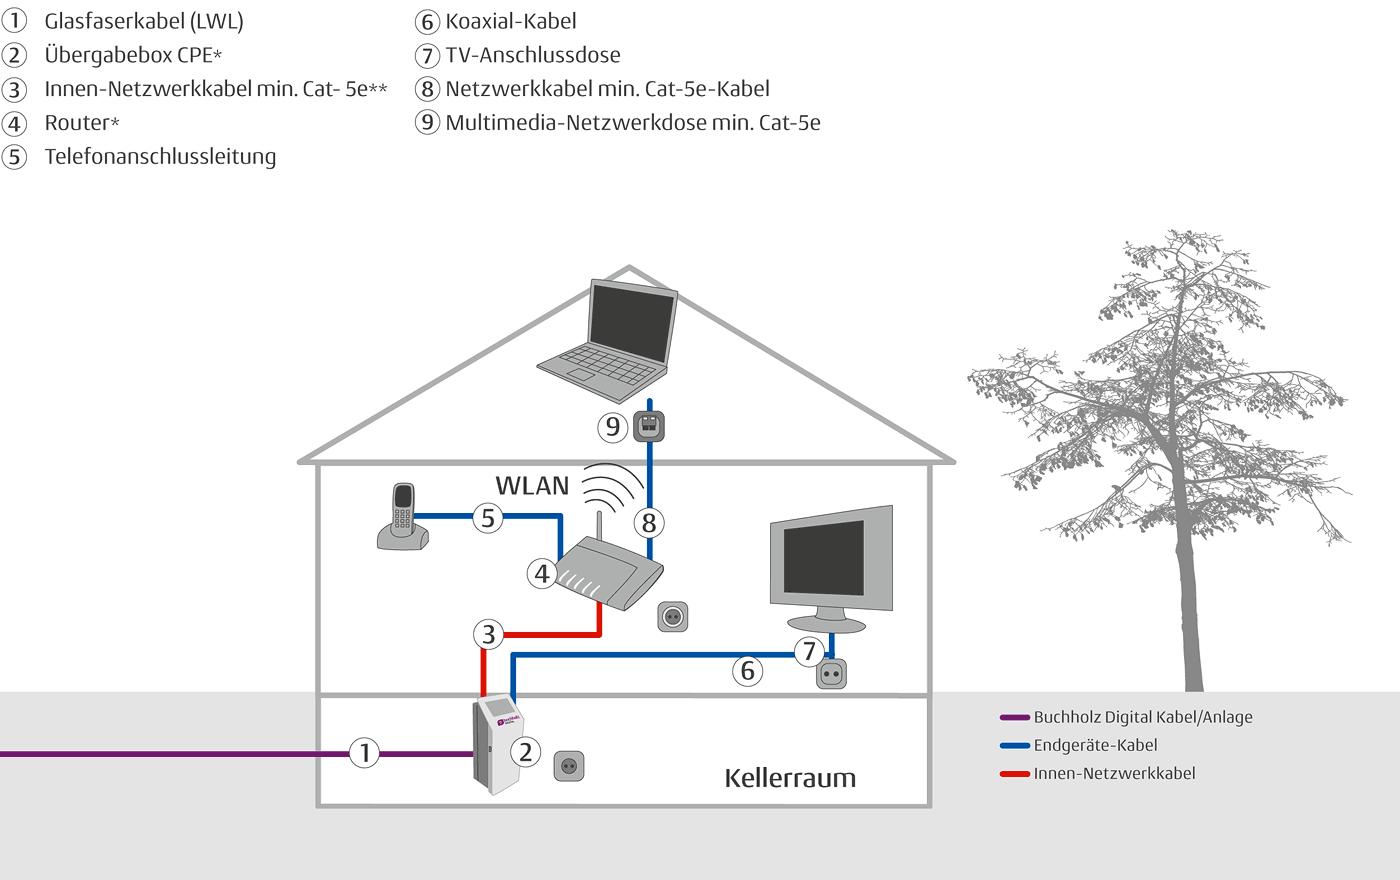 Groß Schaltplan Für Hausverkabelung Fotos - Elektrische Schaltplan ...